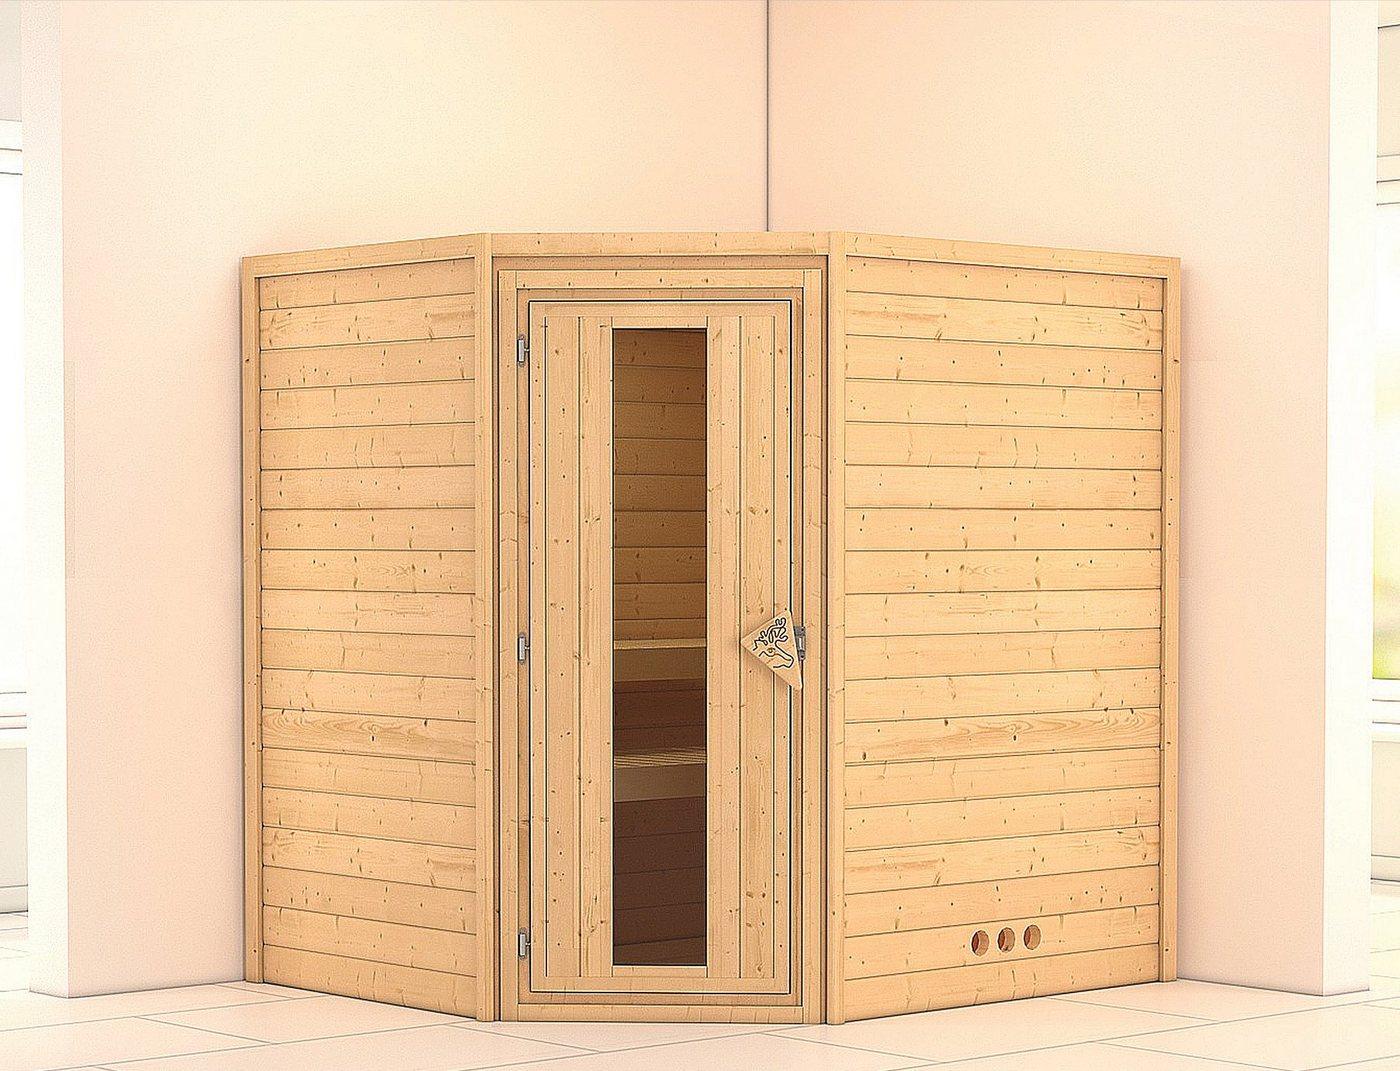 KARIBU Sauna »Mia«, 196/170/200 cm, ohne Ofen, Holztür